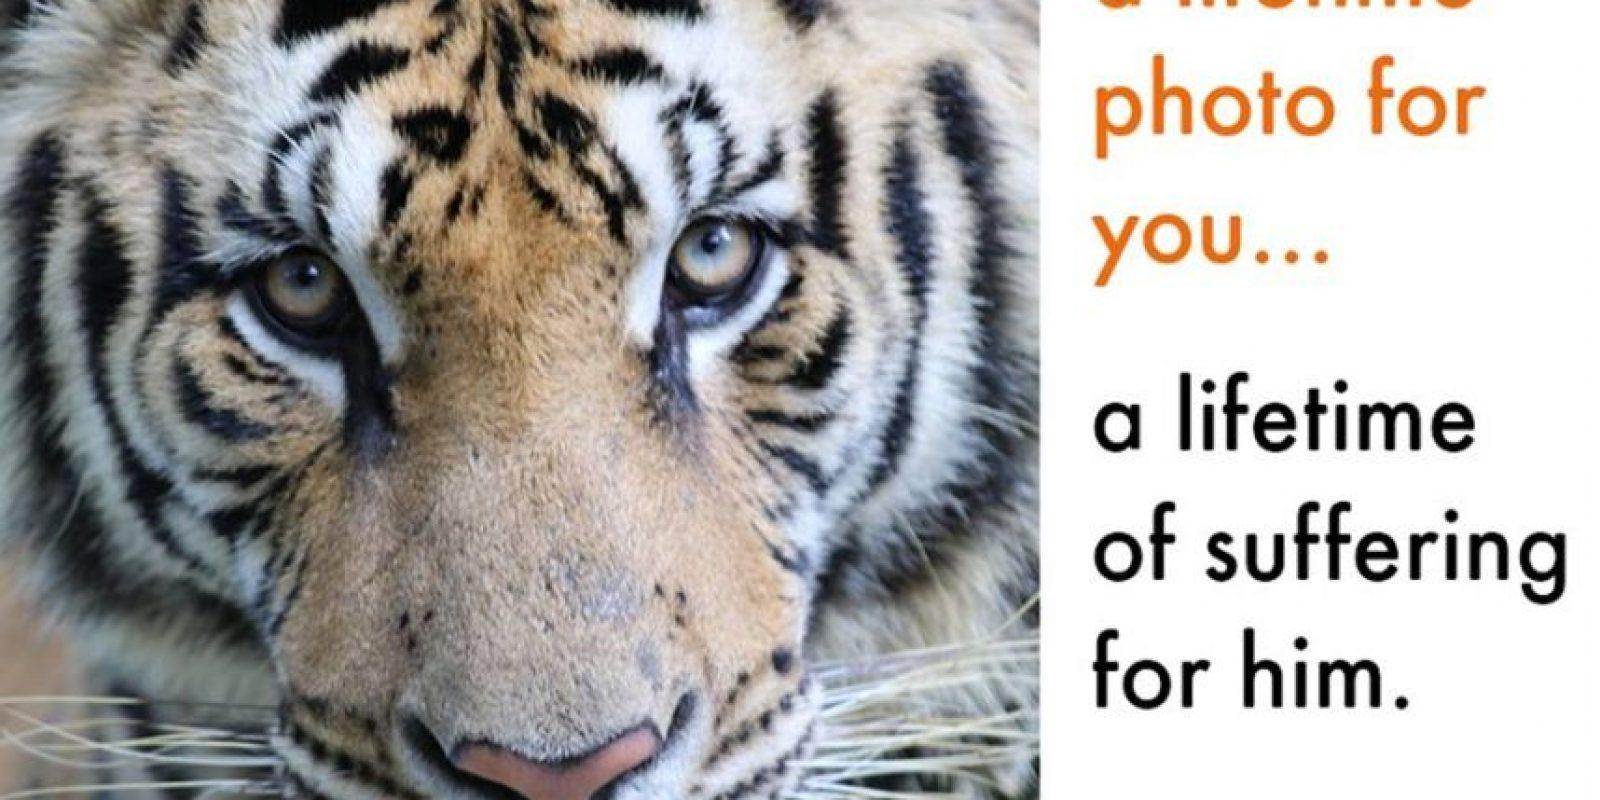 """""""Una foto en tu vida, es una vida de sufrimiento para ellos"""". Foto:Facebook/World Animal Protection"""